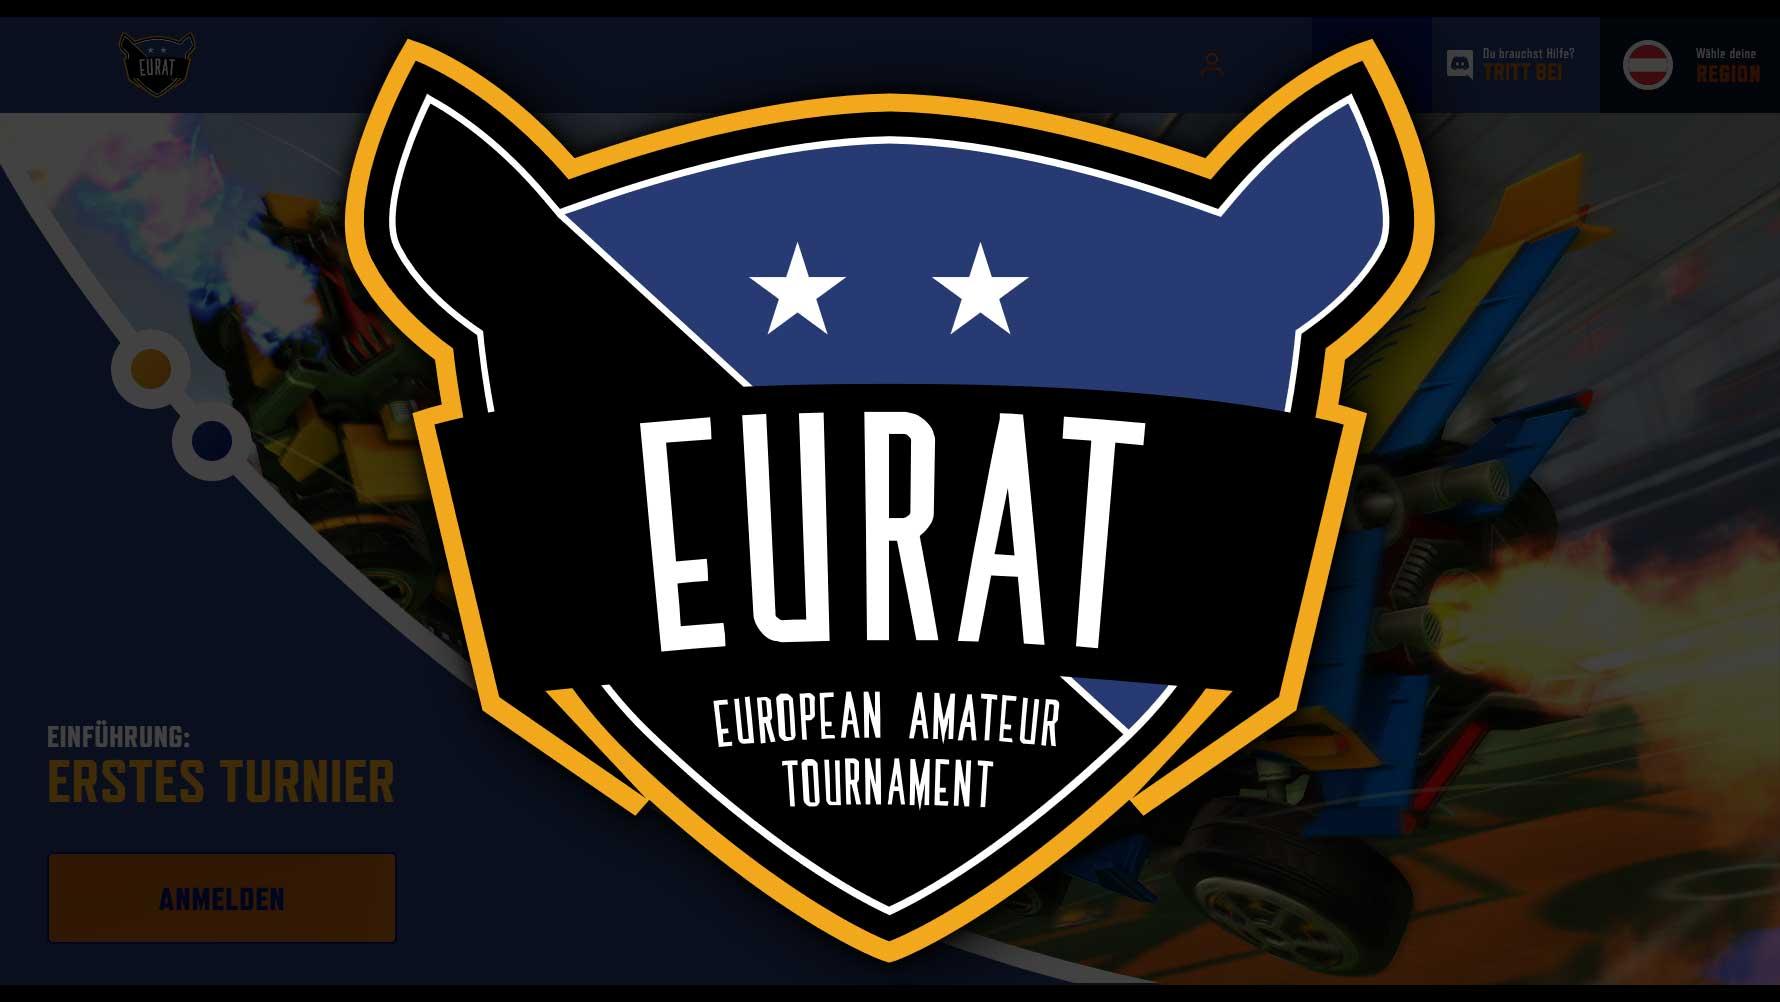 EURAT gg Homescreen 1 babt